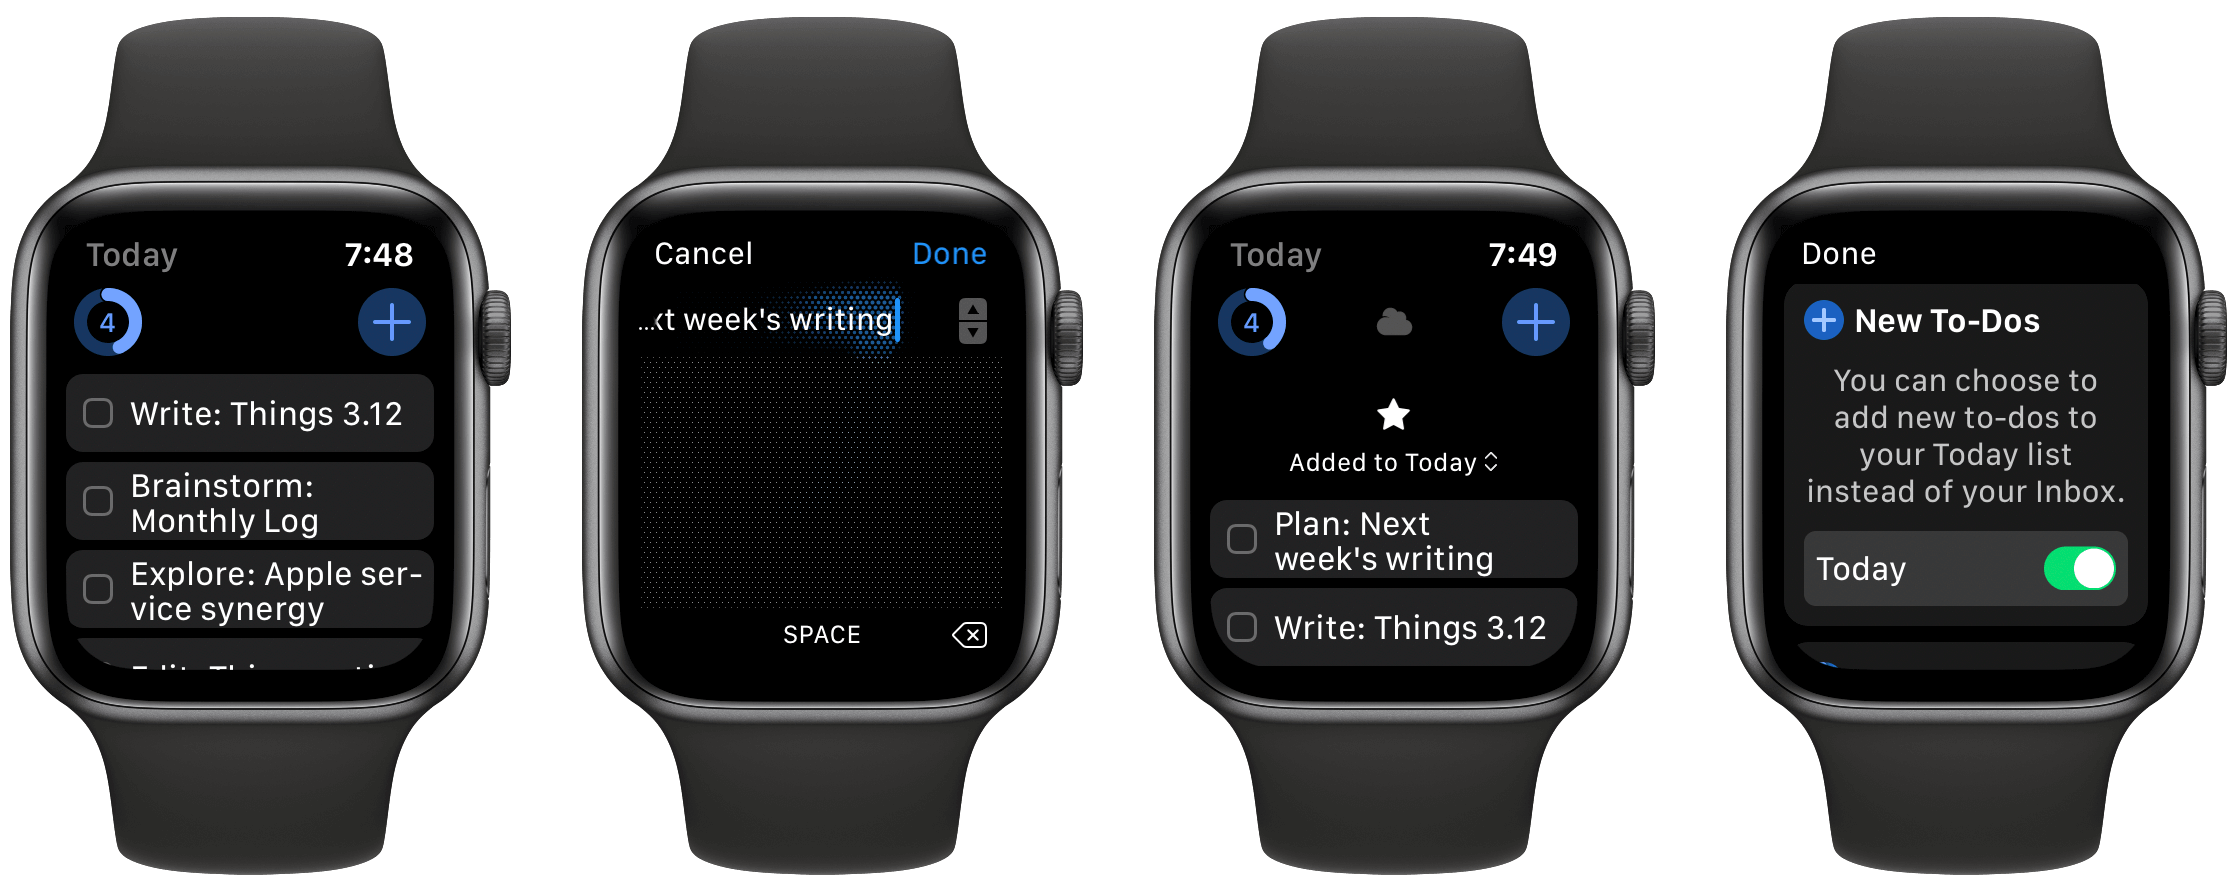 Những công cụ có sẵn trong Apple Watch S6